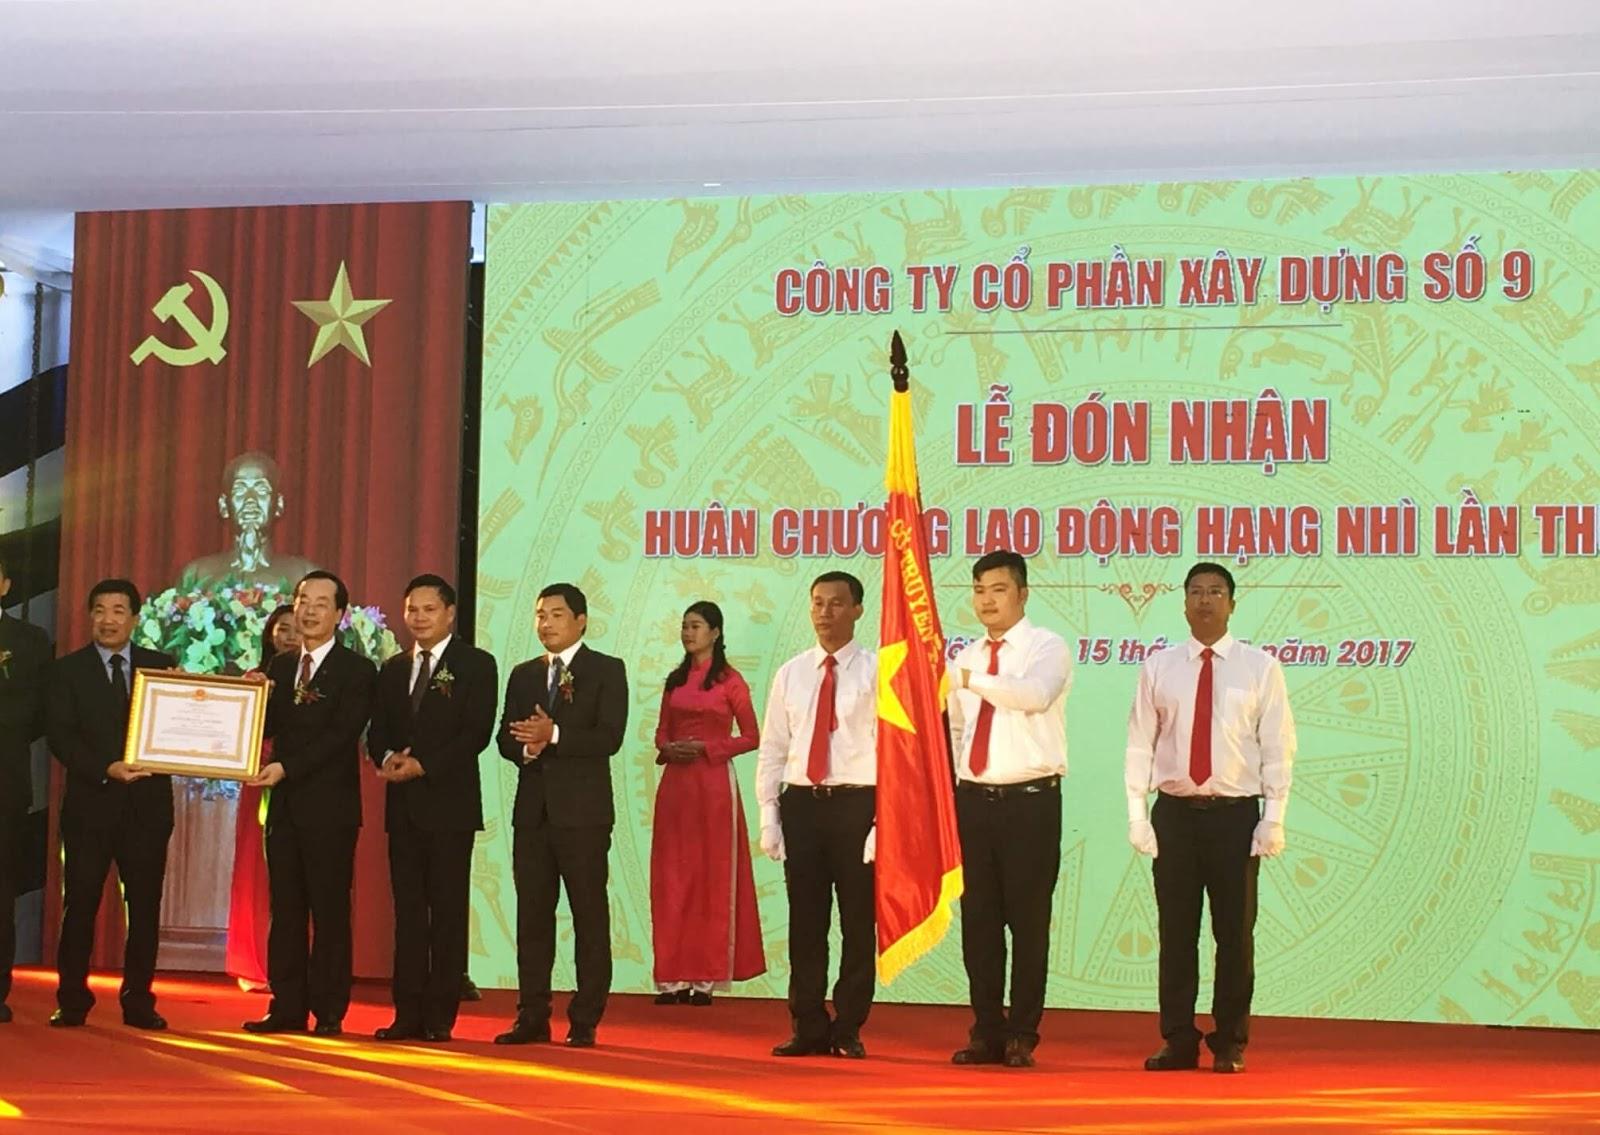 Vinaconex 9 nhận giải thưởng huân chương lao động hạng nhì